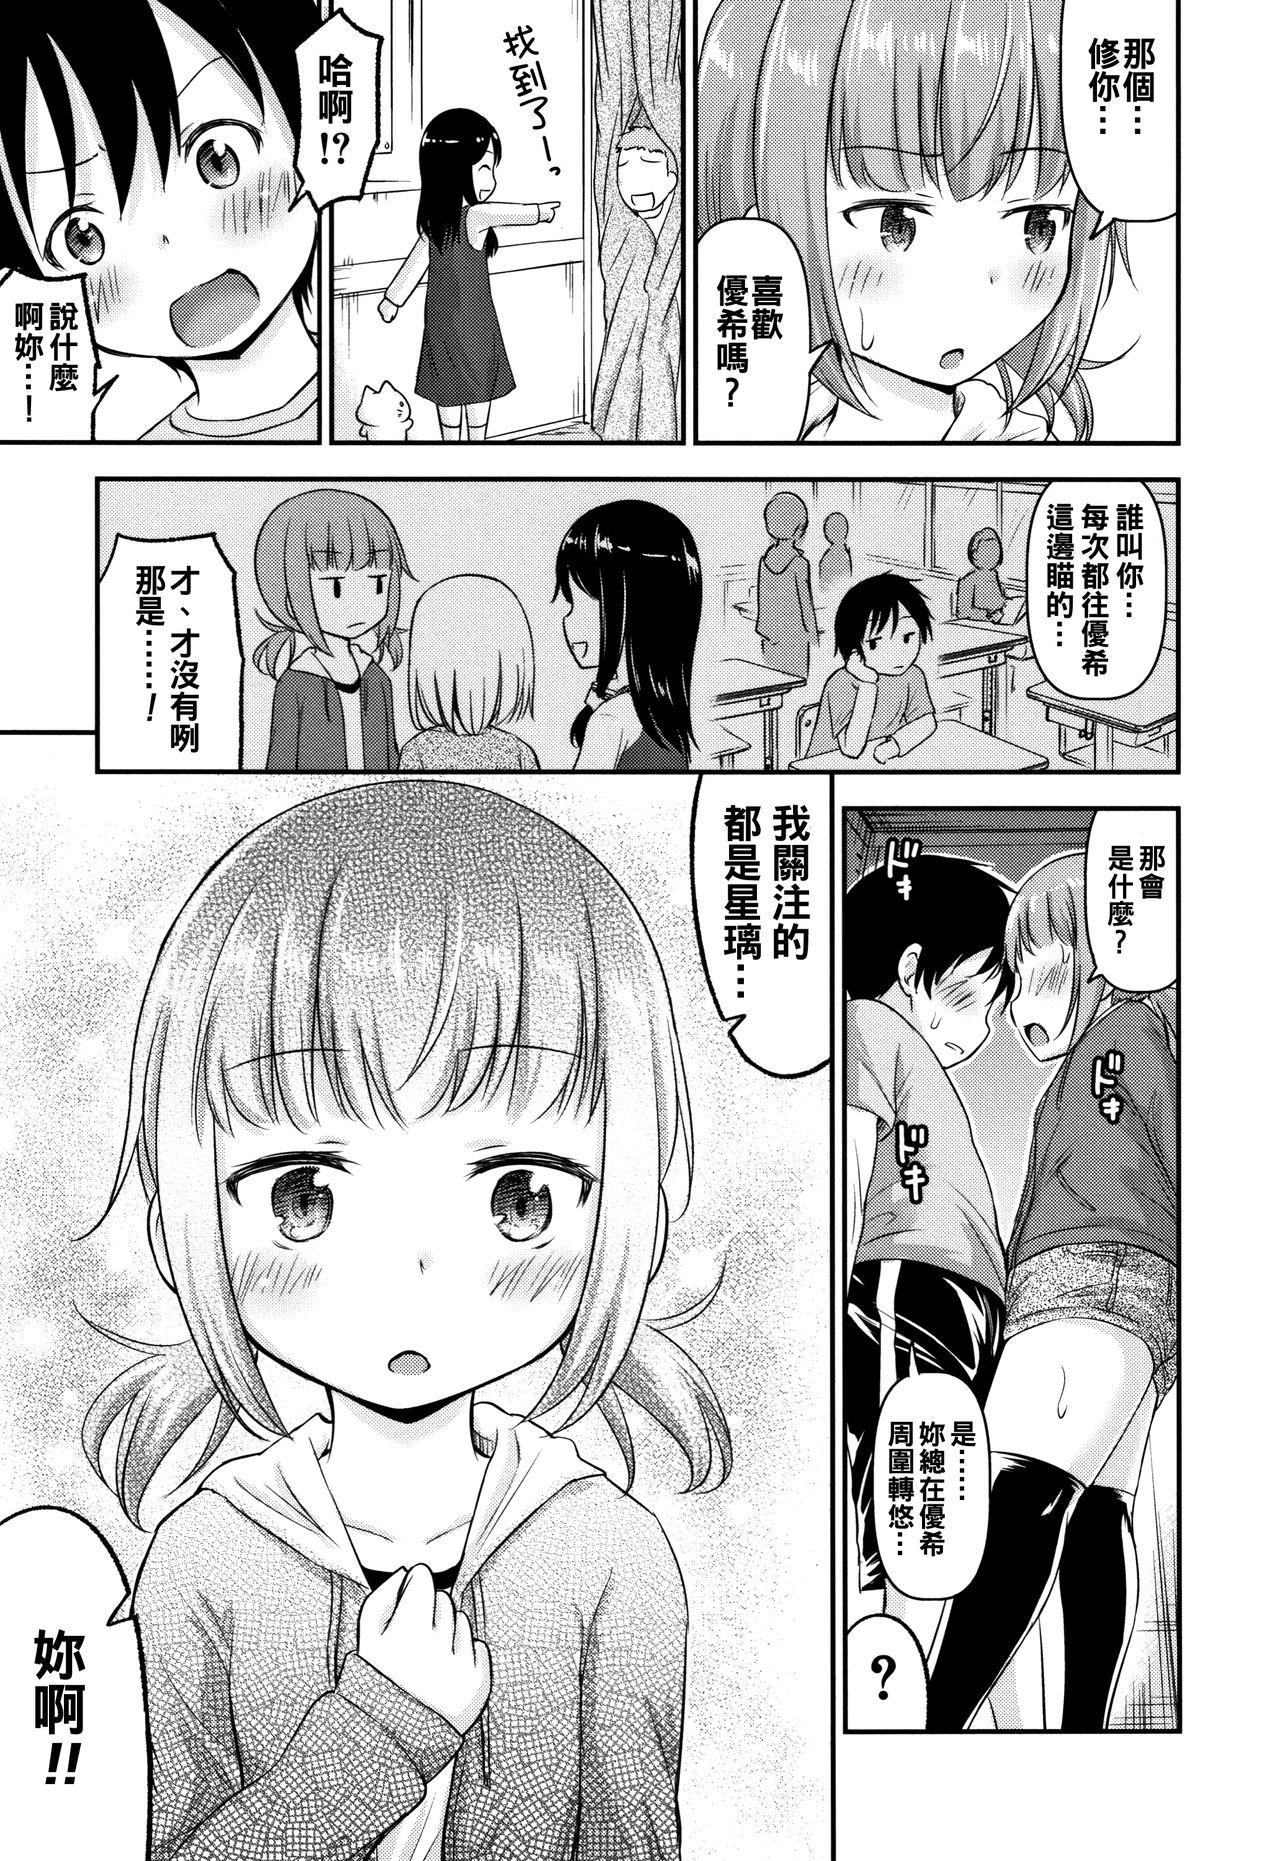 Kozukuri Children - Child making child 10